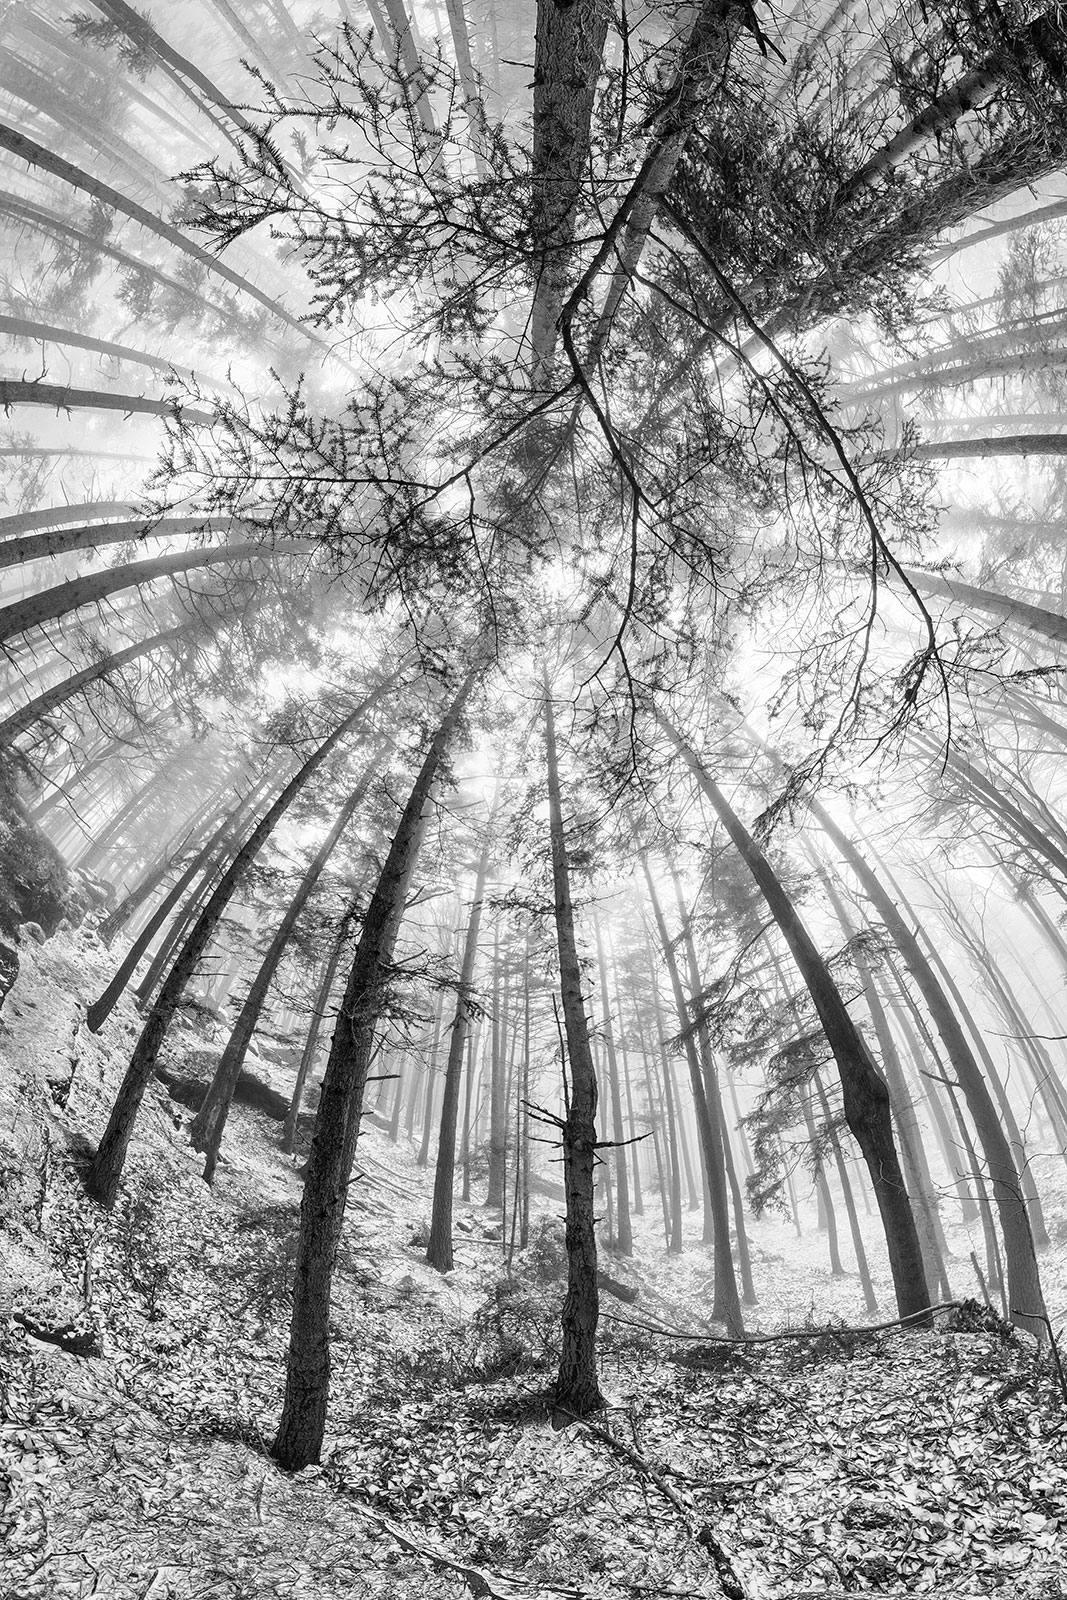 Blanc Manteau - ANAMORPHOSE © Franck CHARLES